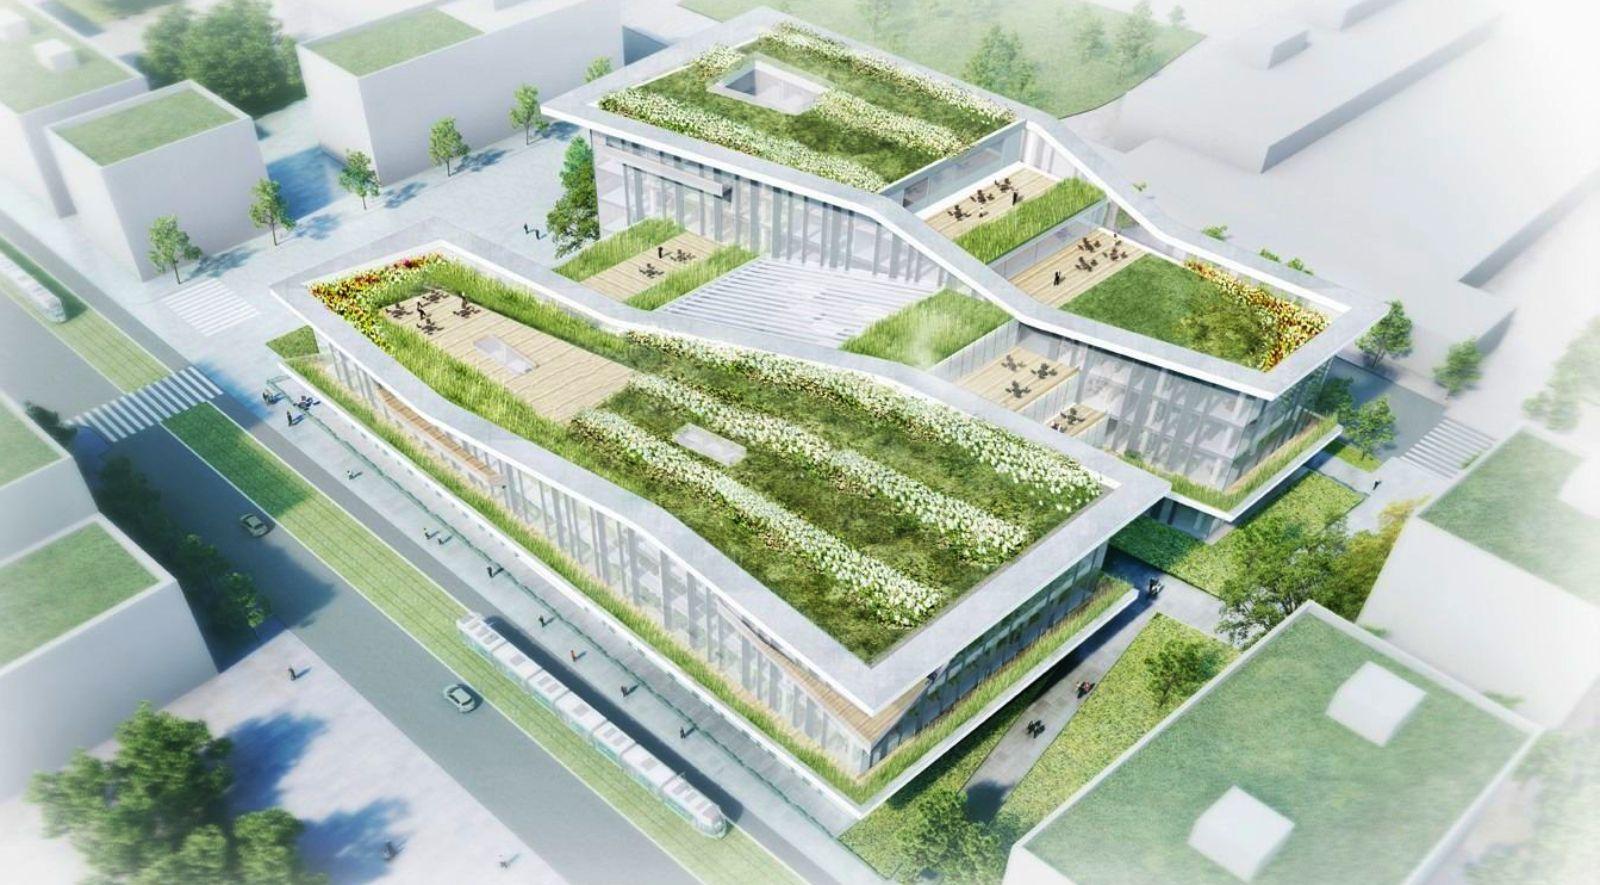 Library Campus Condorcet